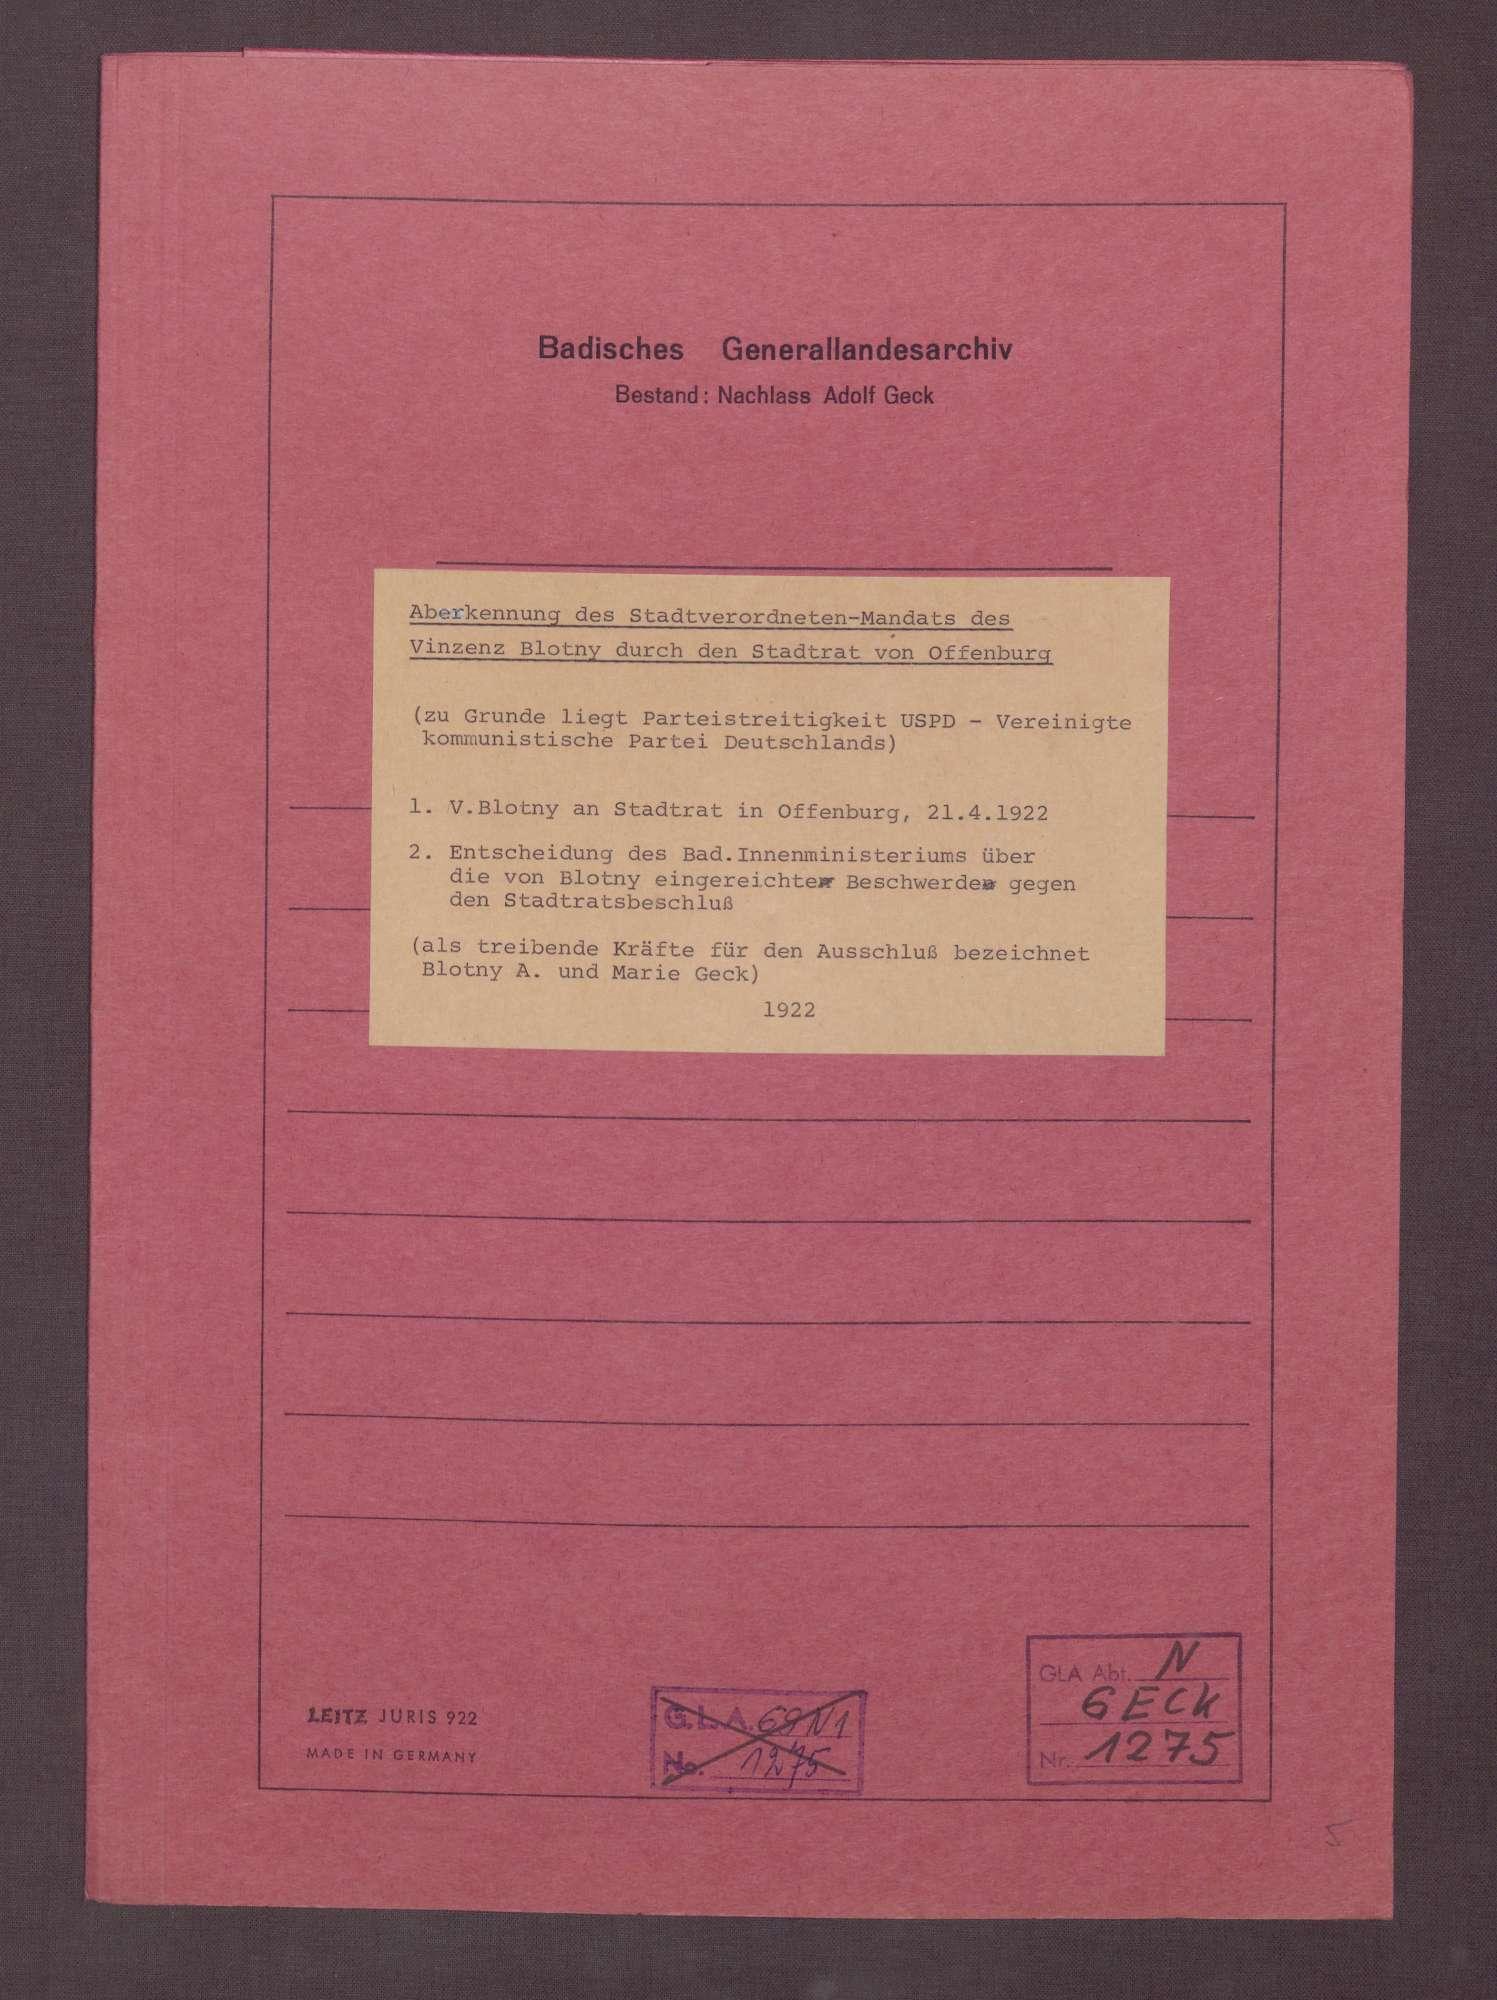 Schreiben von Vincenz Blotny an den Stadtrat in Offenburg, Bild 1